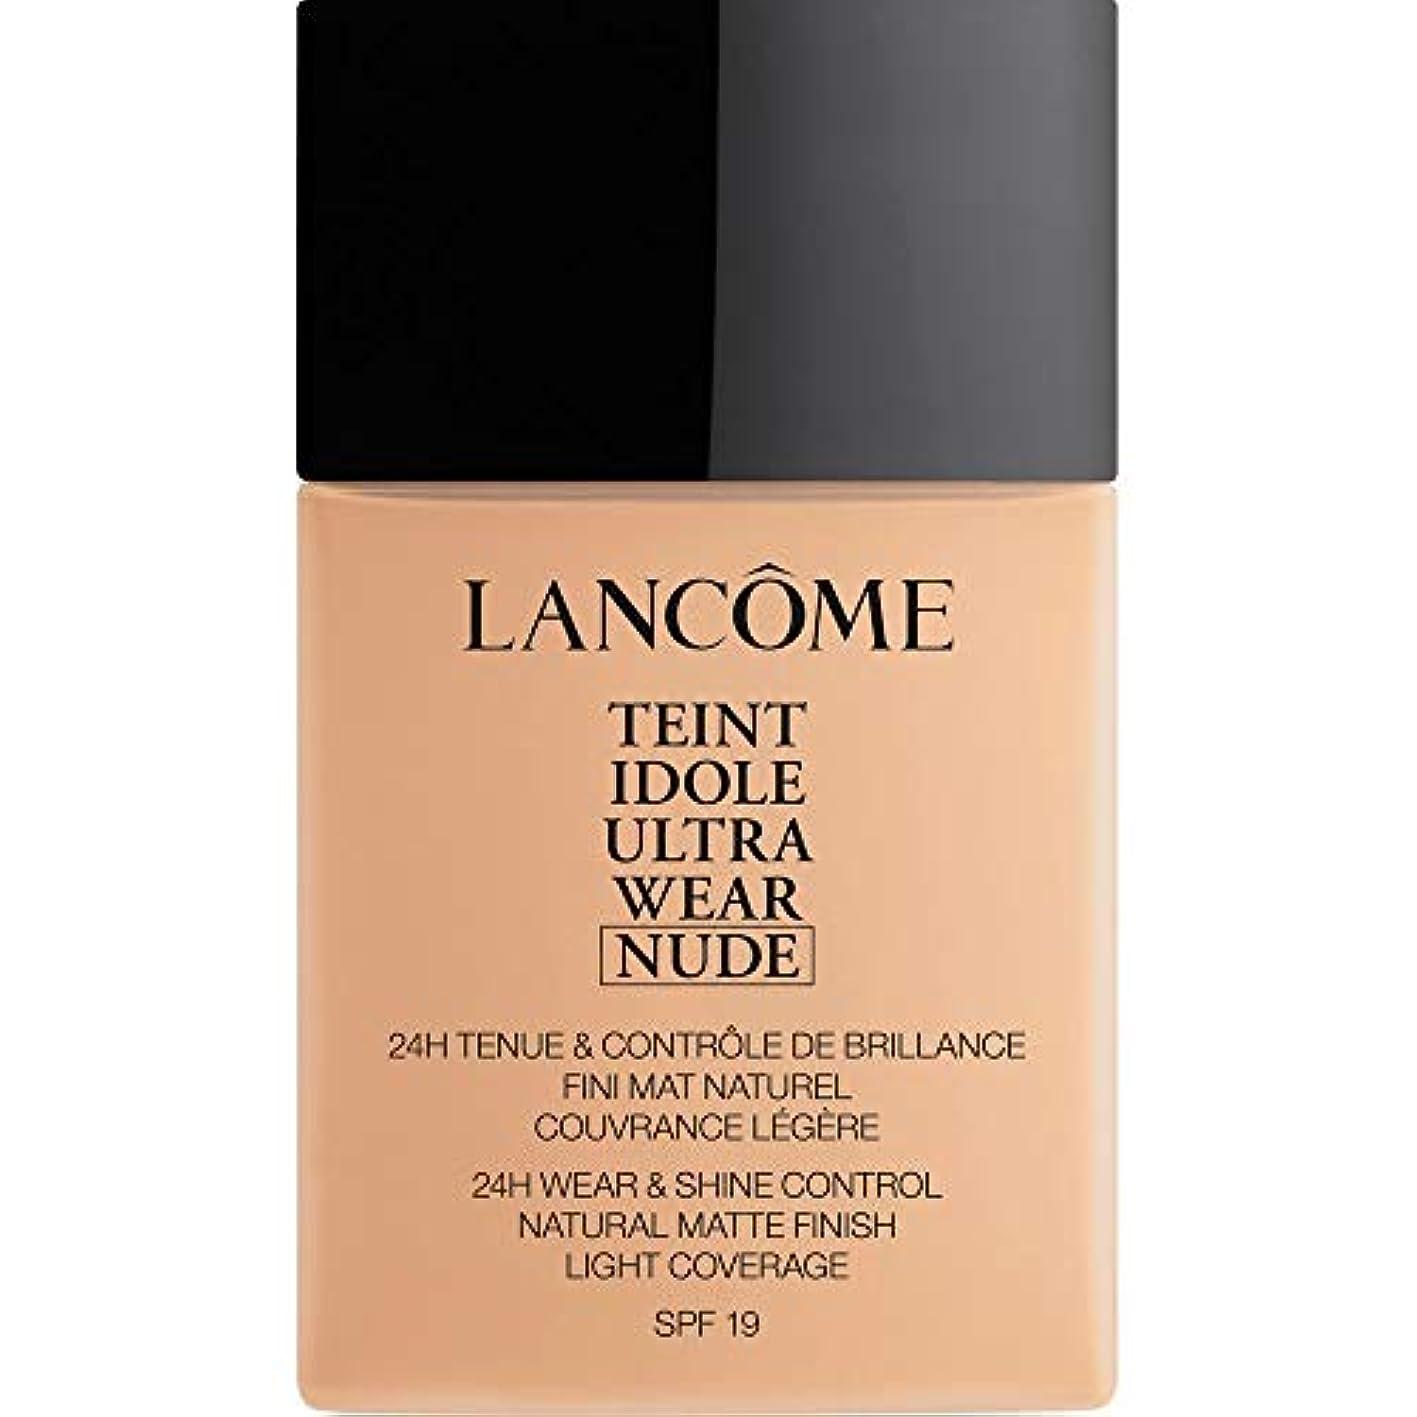 反対に文献分離[Lanc?me ] ランコムTeintのIdole超摩耗ヌード財団Spf19の40ミリリットル021 - ベージュジャスミン - Lancome Teint Idole Ultra Wear Nude Foundation...